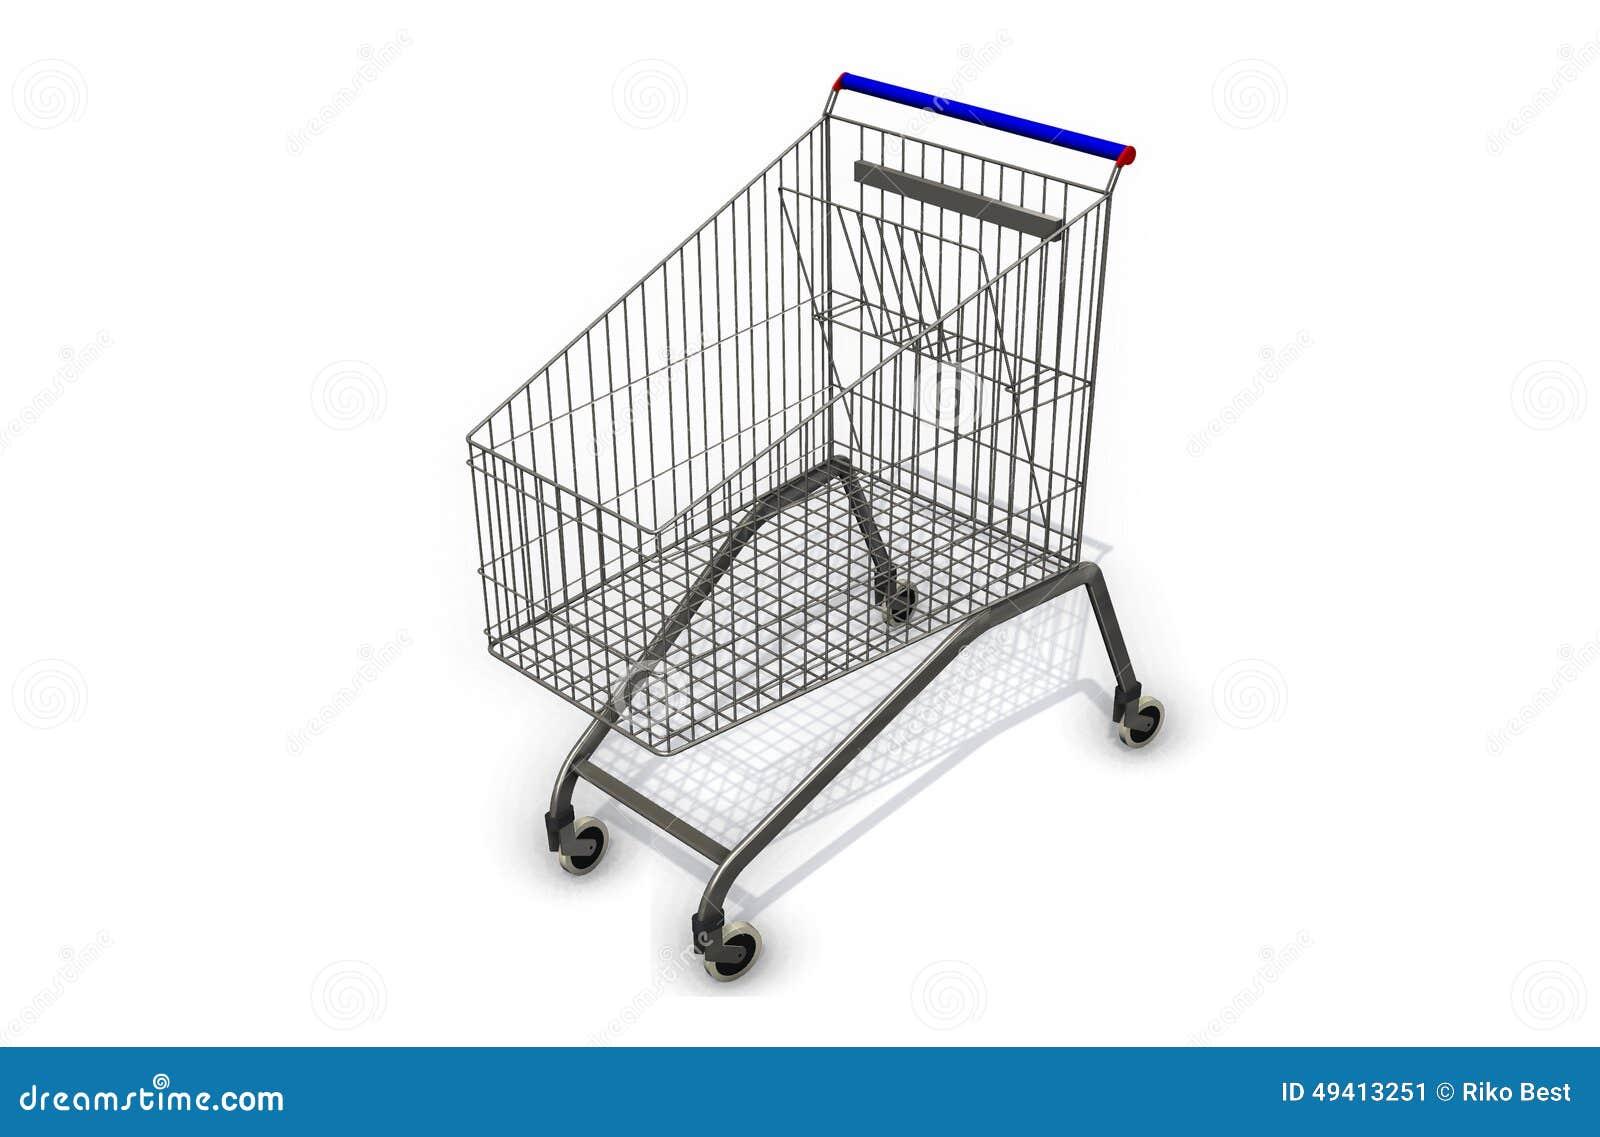 Download Supermarktwarenkorb Auf Weißem Hintergrund Stock Abbildung - Illustration von wagen, karte: 49413251